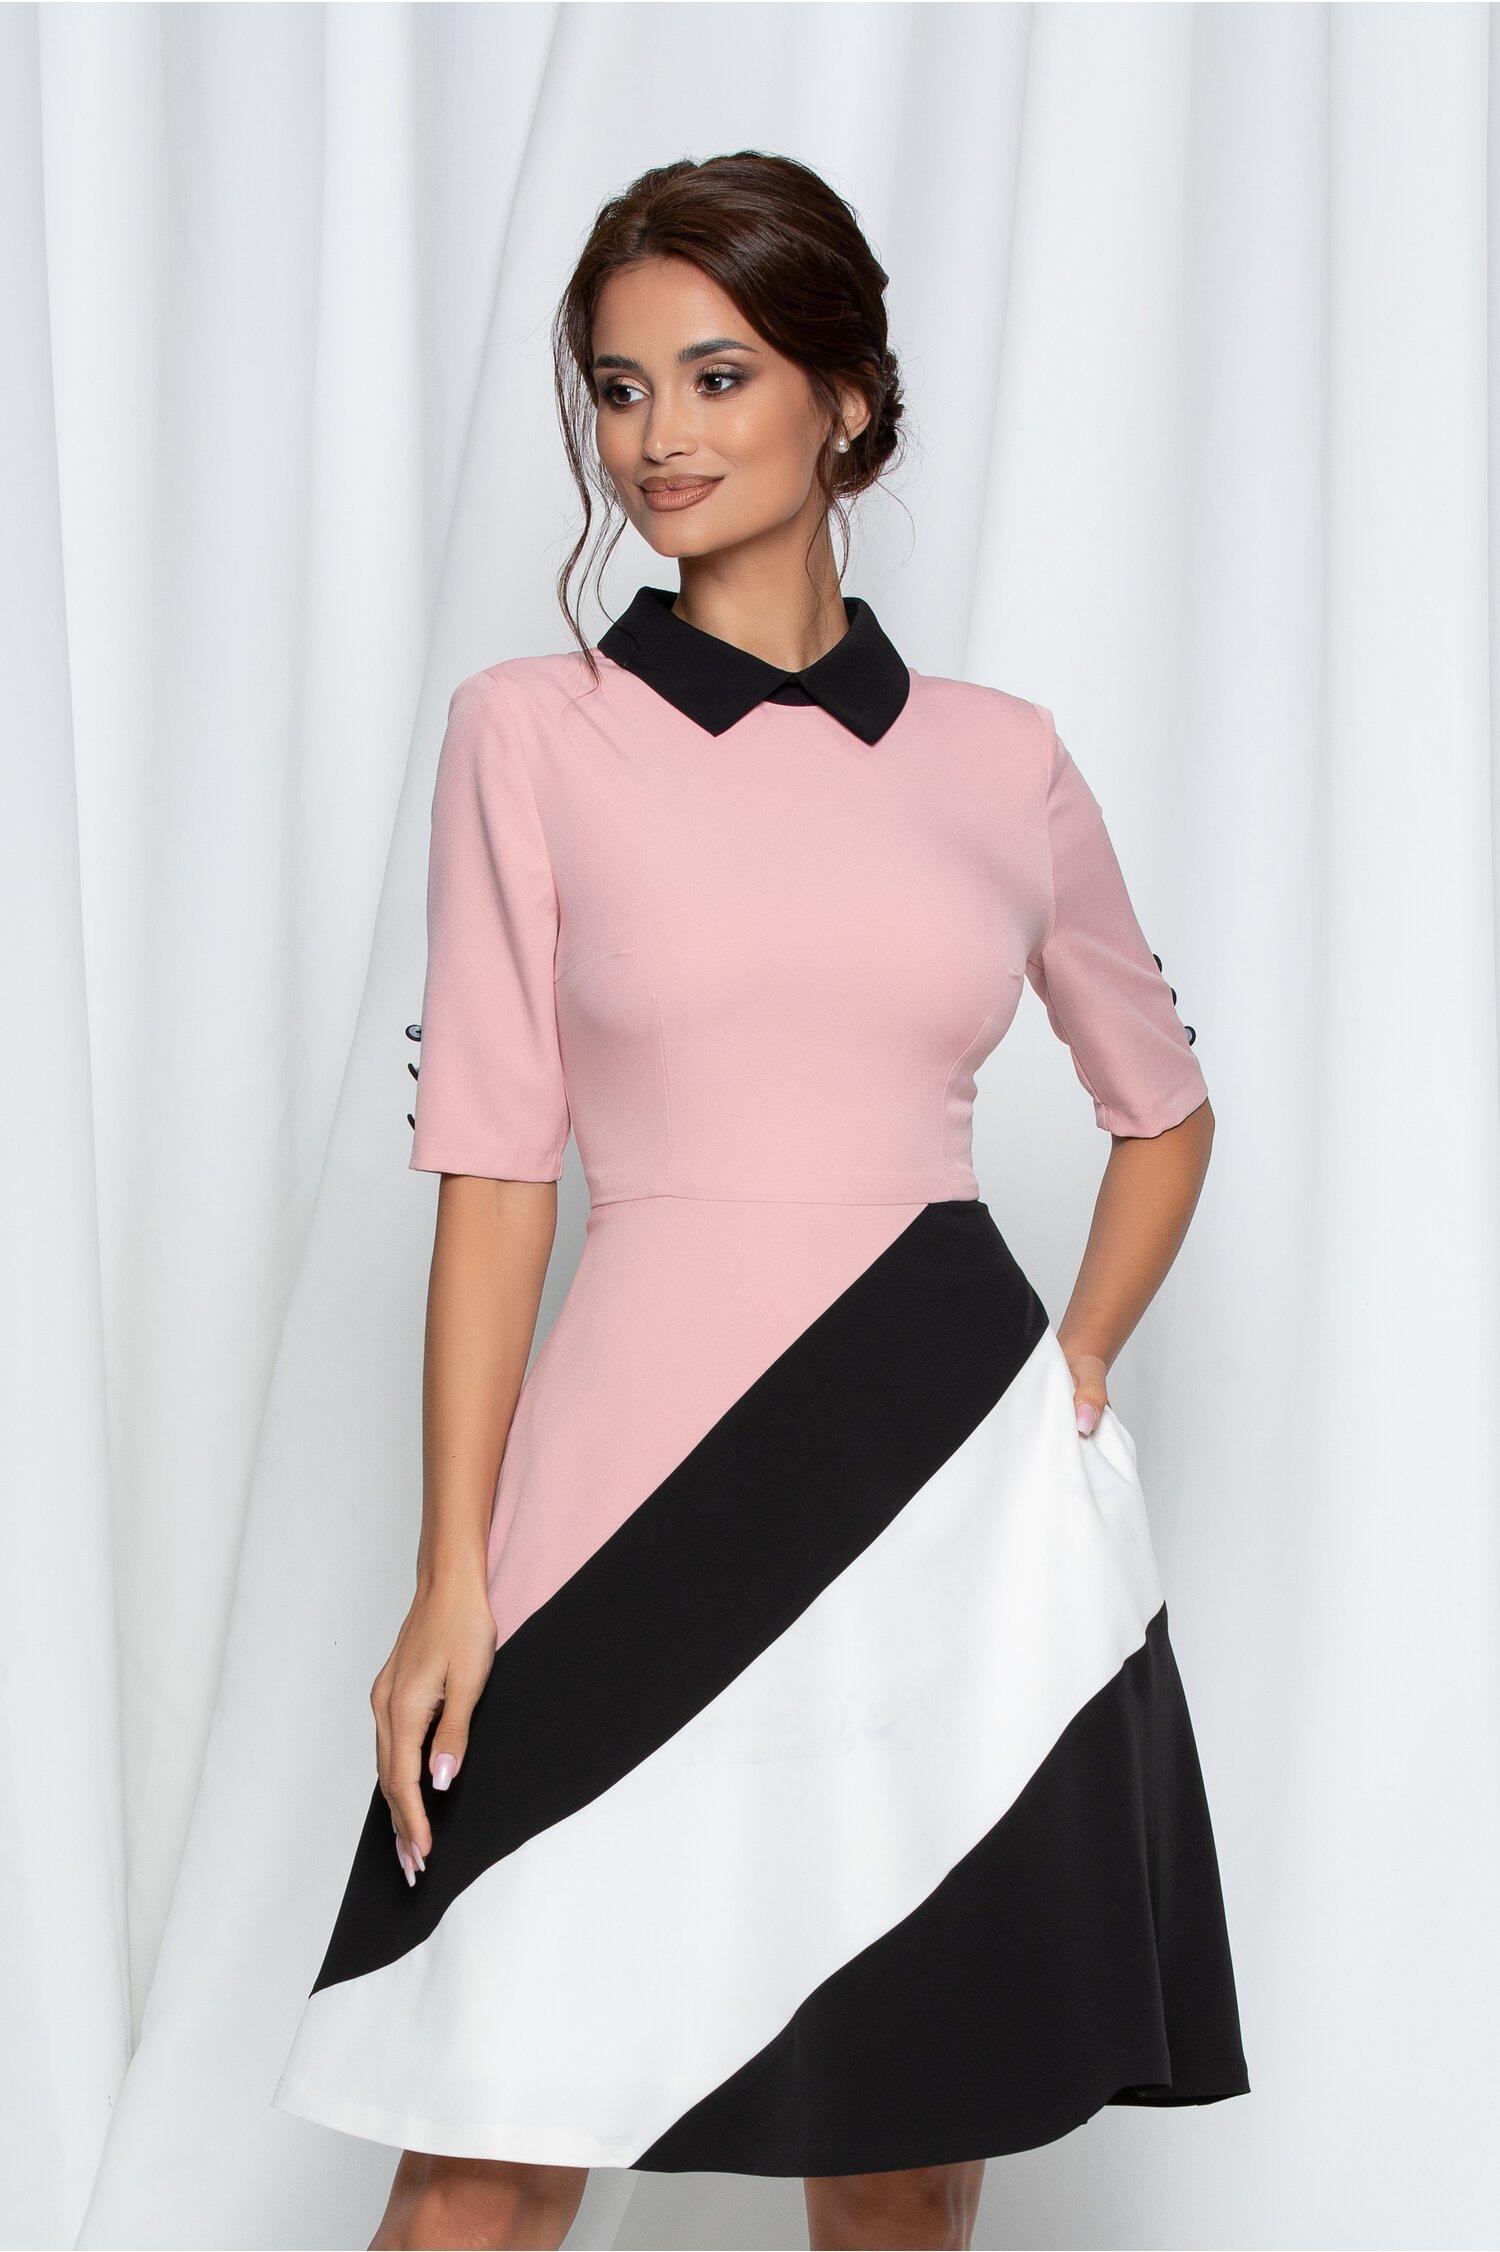 Rochie MBG roz cu dungi maxi in partea de jos